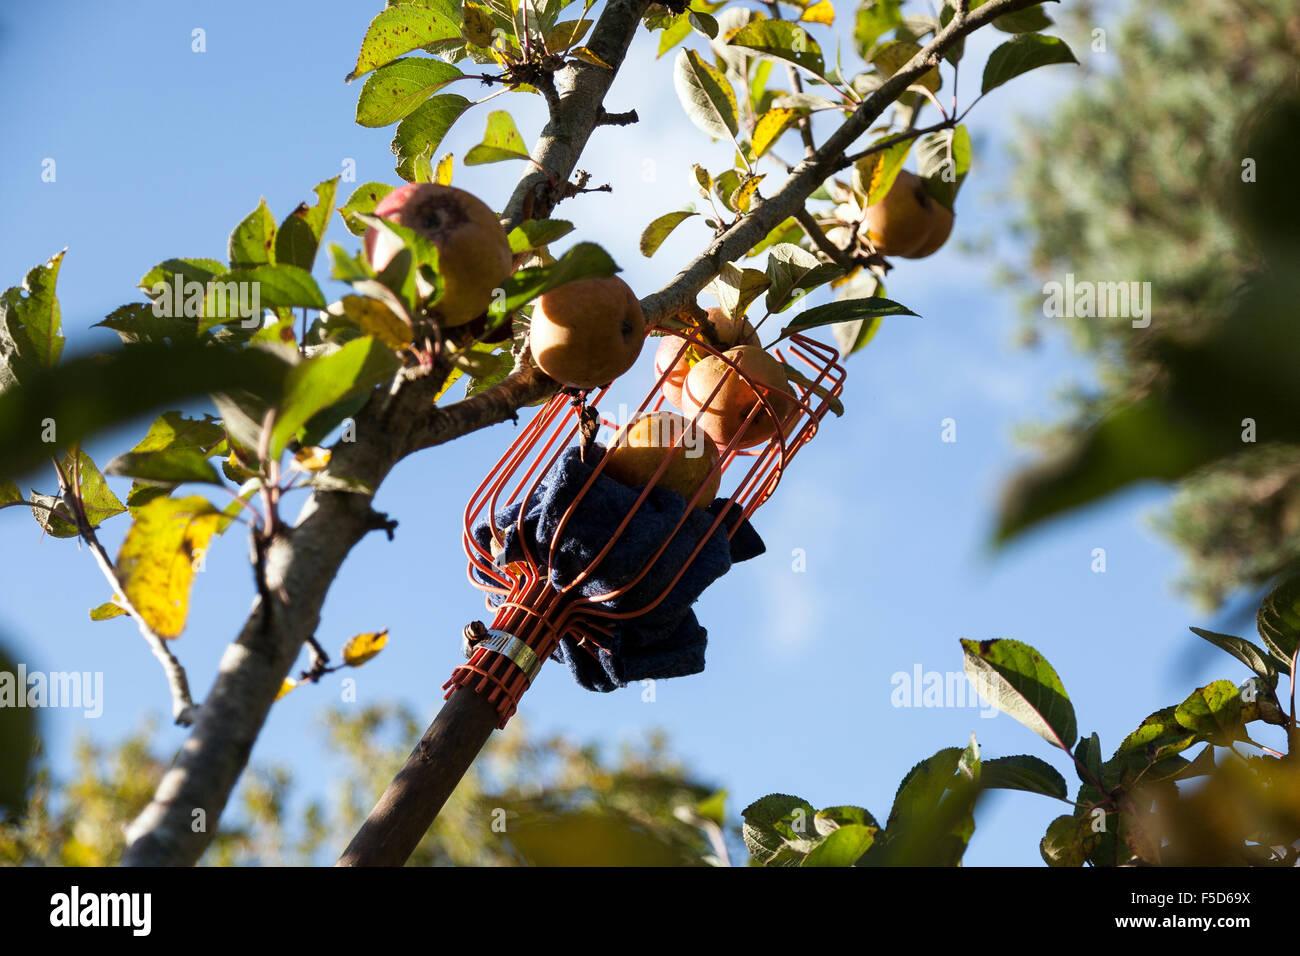 Apple picking in Devon orchard,tree, frutta, vettore, frutteto, raccolto, produrre, mature, melo, contorno, raccogliere, Immagini Stock